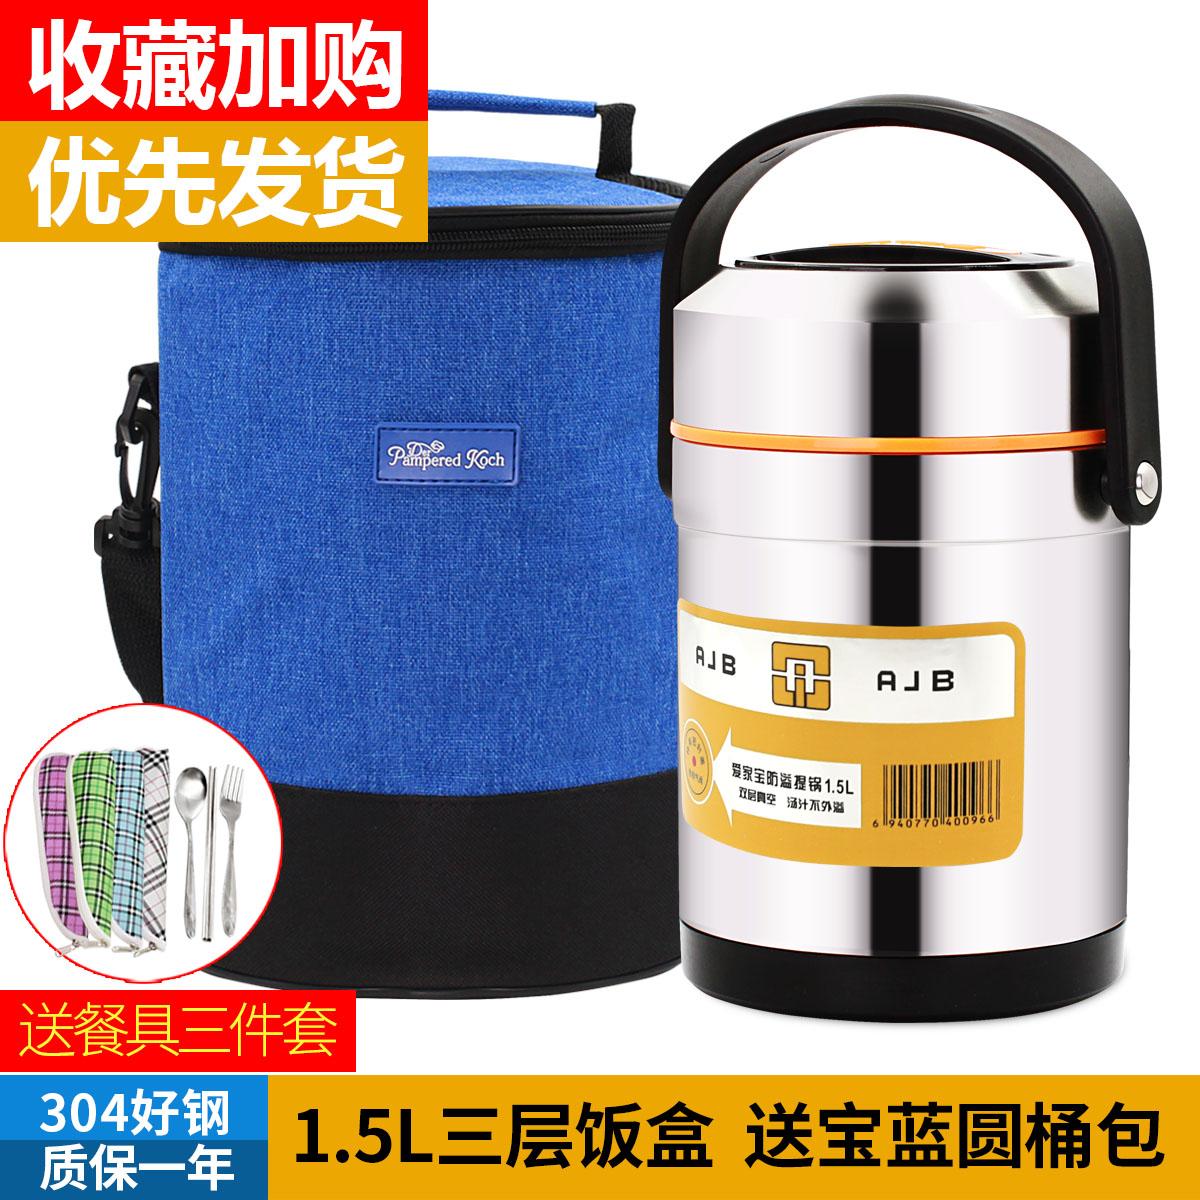 商用多真空手提式迷你两人烫桶双层卡通桶2/不锈钢保温饭盒桶提锅